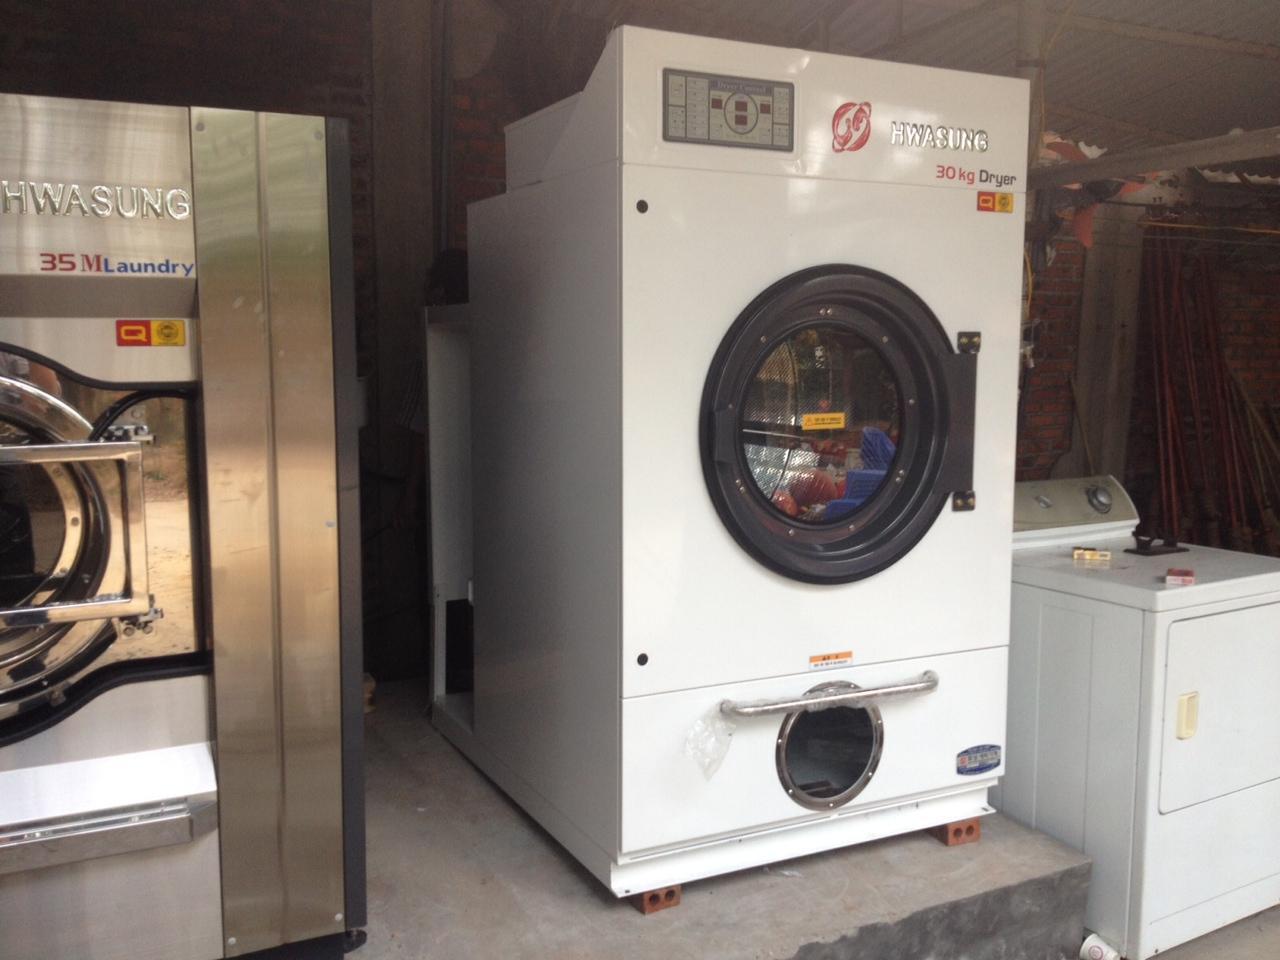 Kỹ năng cần thiết để sử dụng máy sấy quần áo công nghiệp hiệu quả   Phân  phối máy giặt công nghiệp ,máy sấy công nghiệp chính hãng